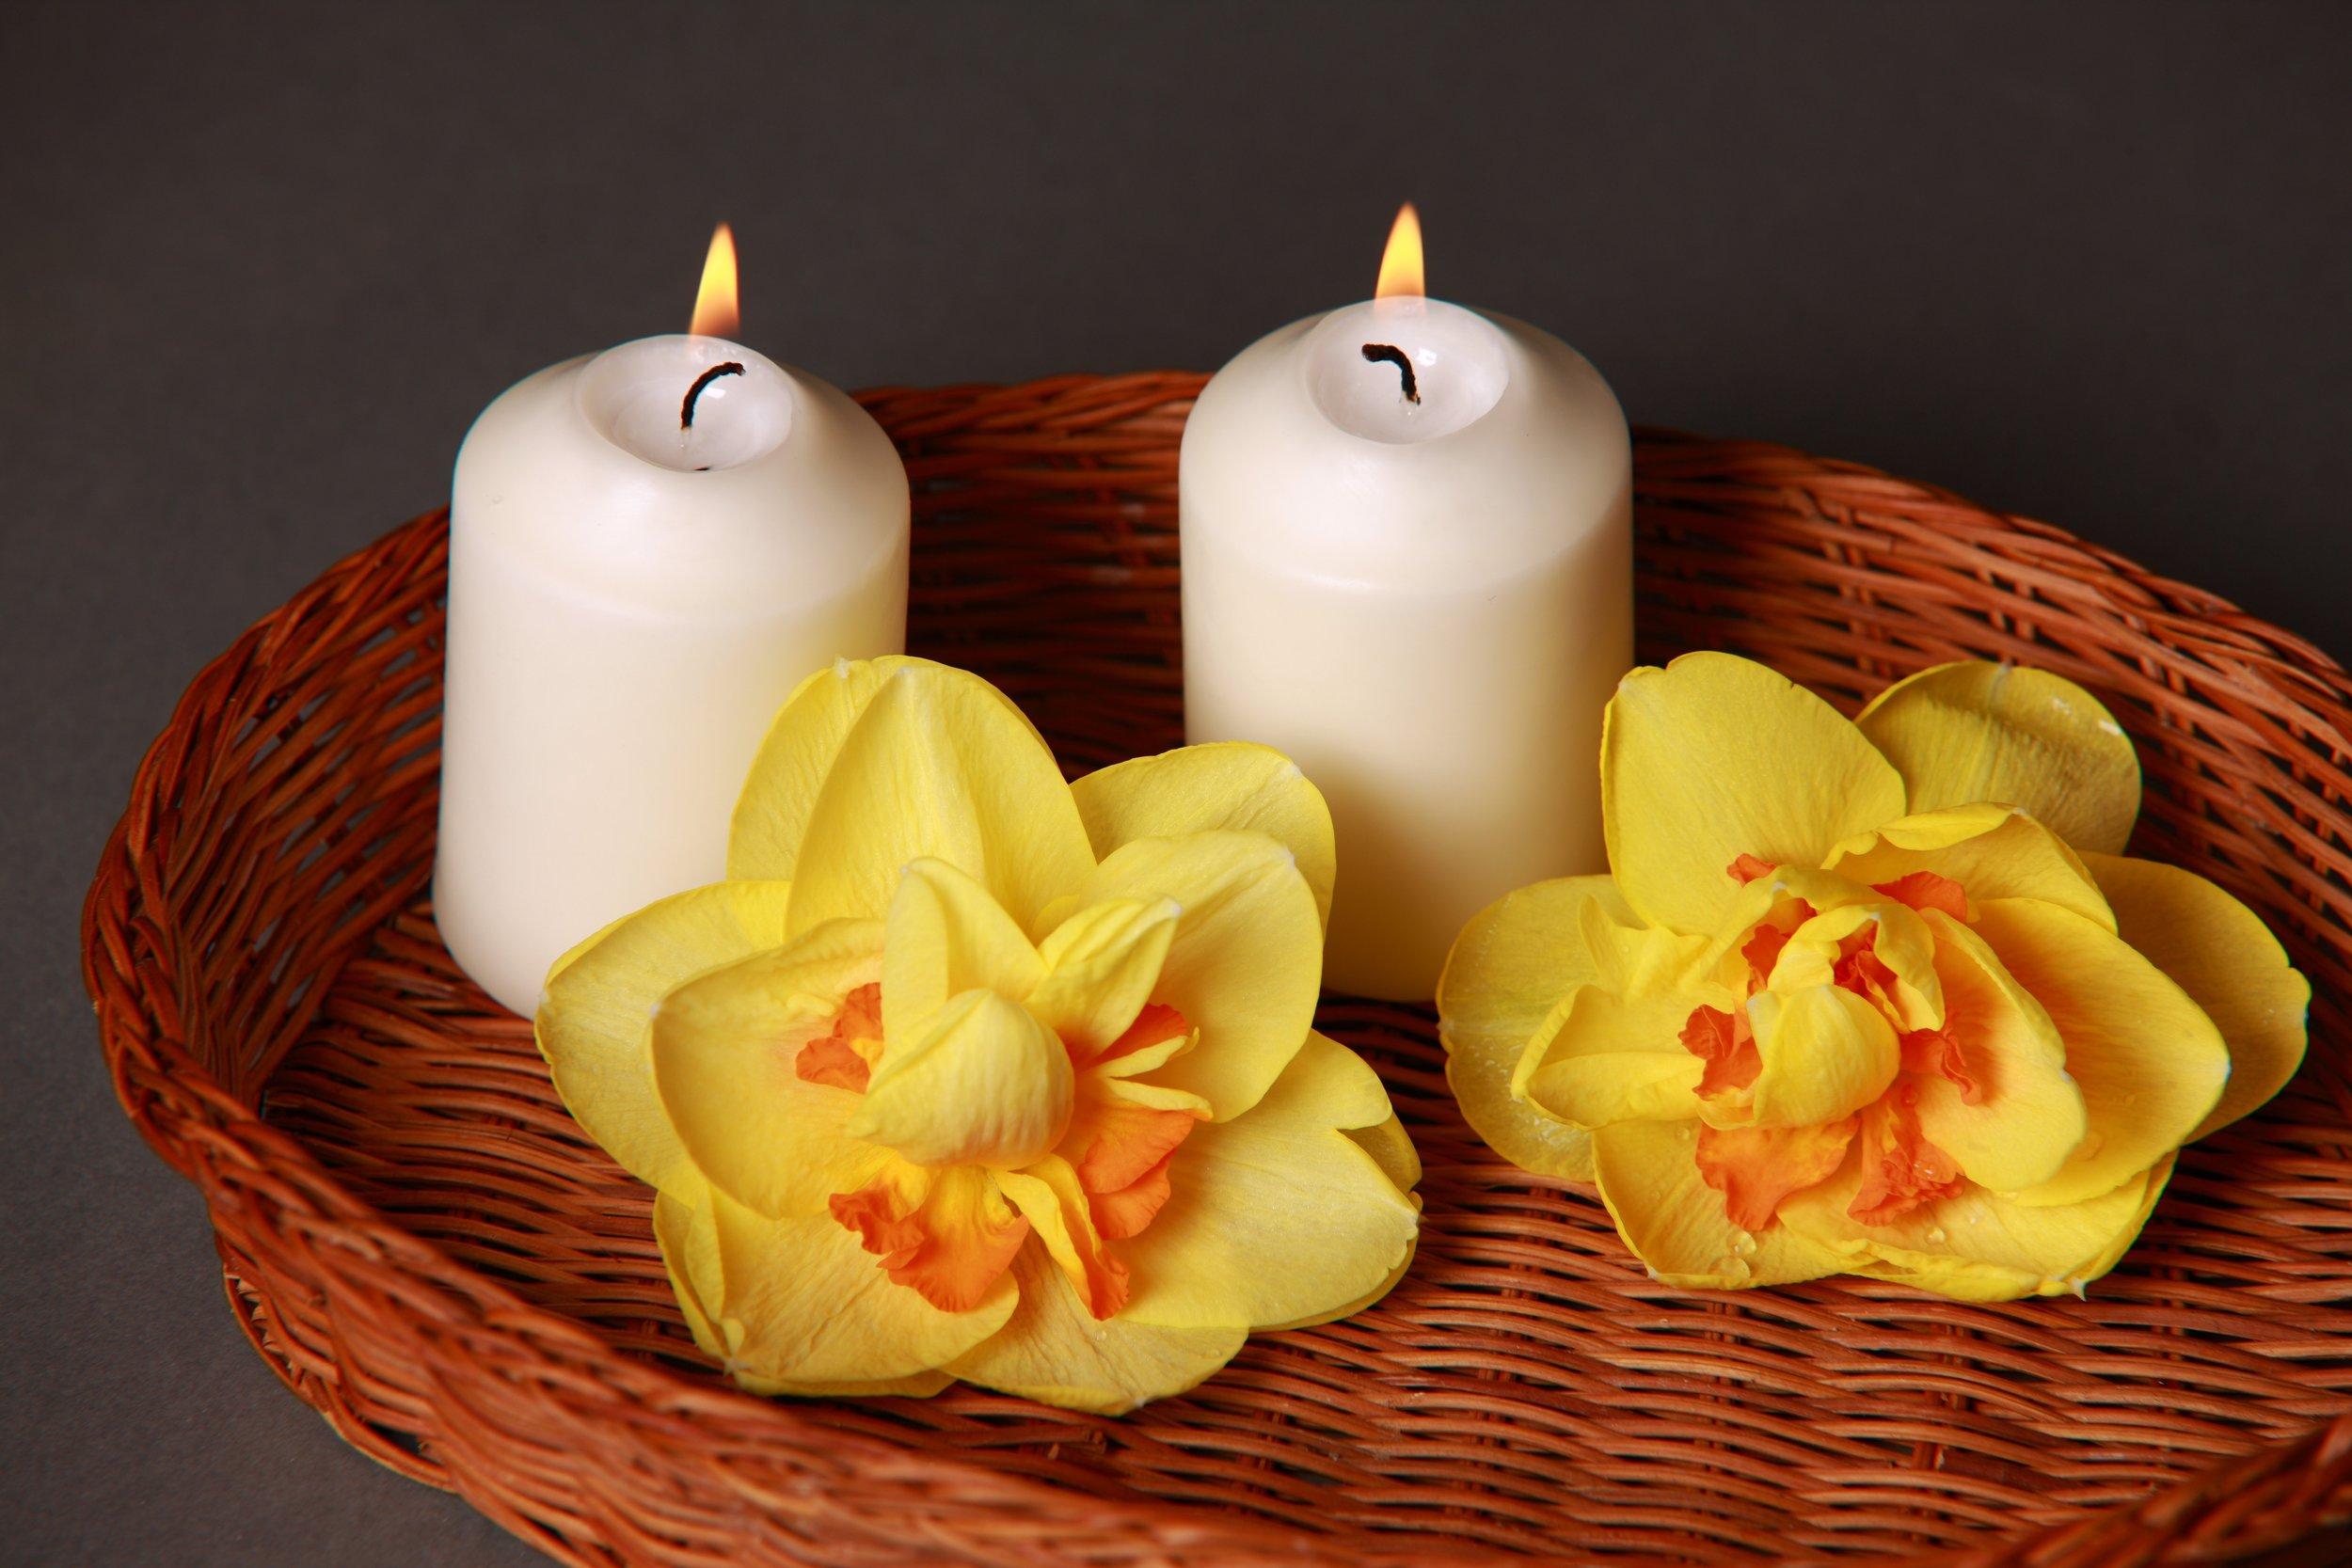 aromatherapy-bamboo-basket-259810.jpg